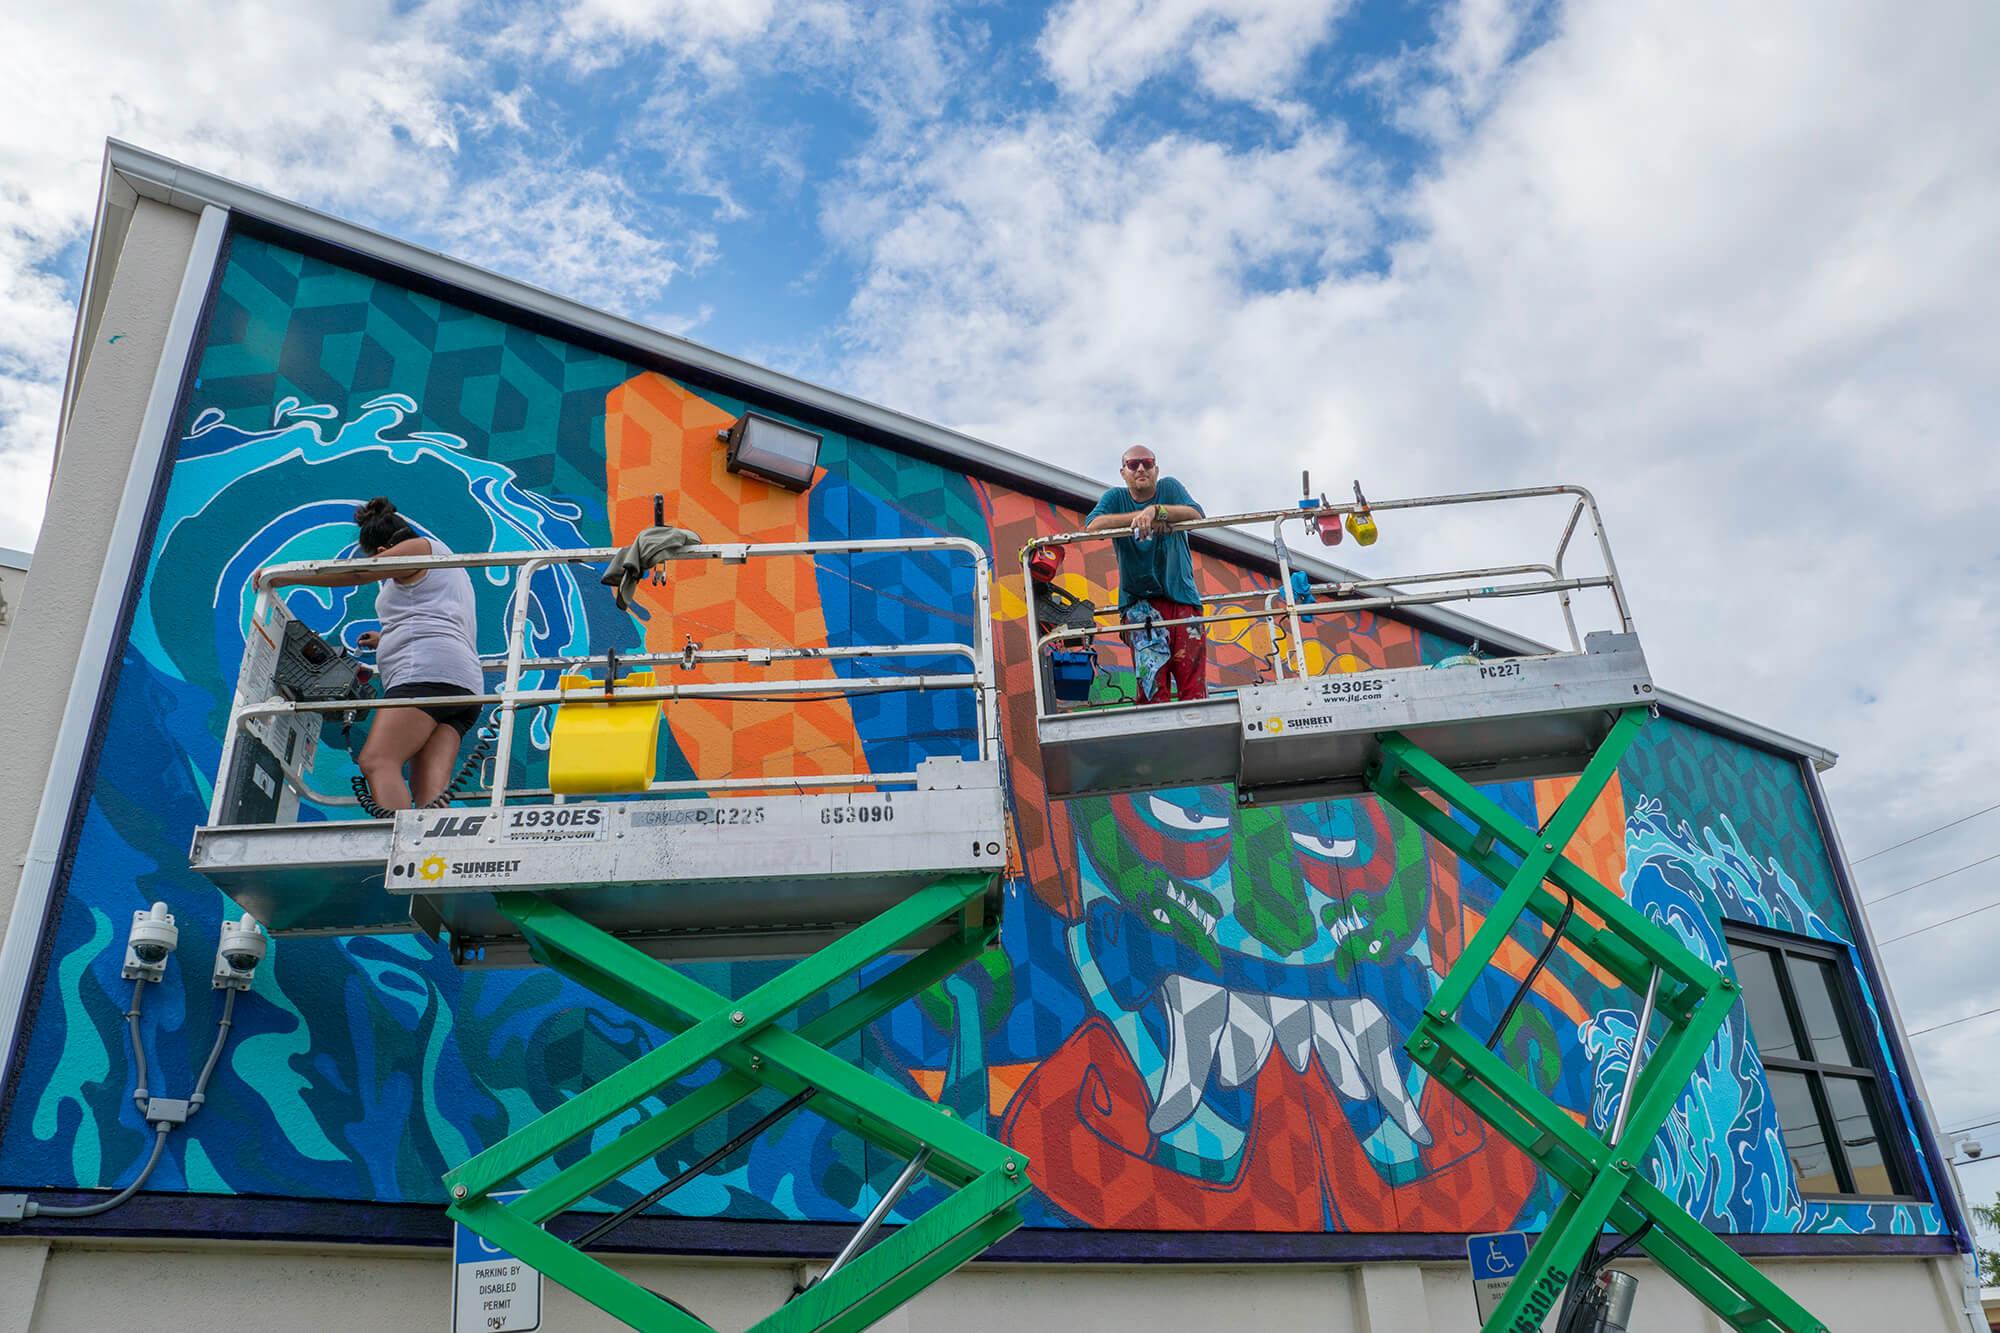 Mural Festival 2018